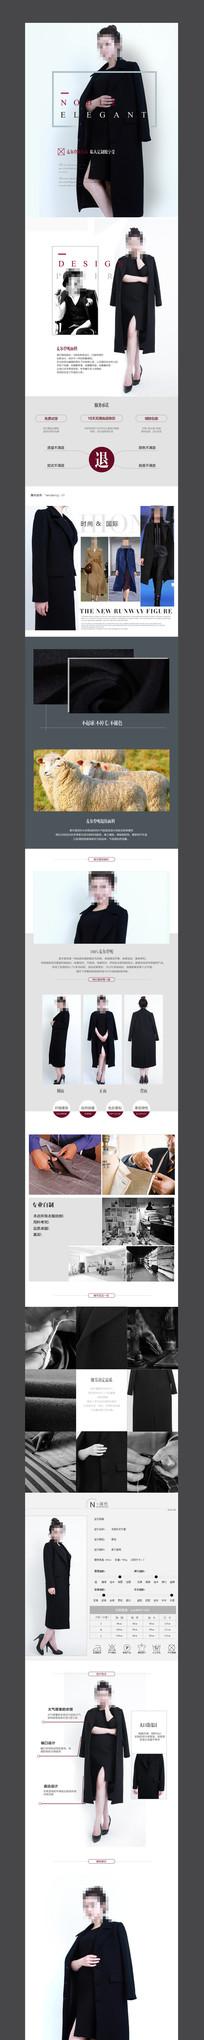 女装大衣淘宝详情页设计